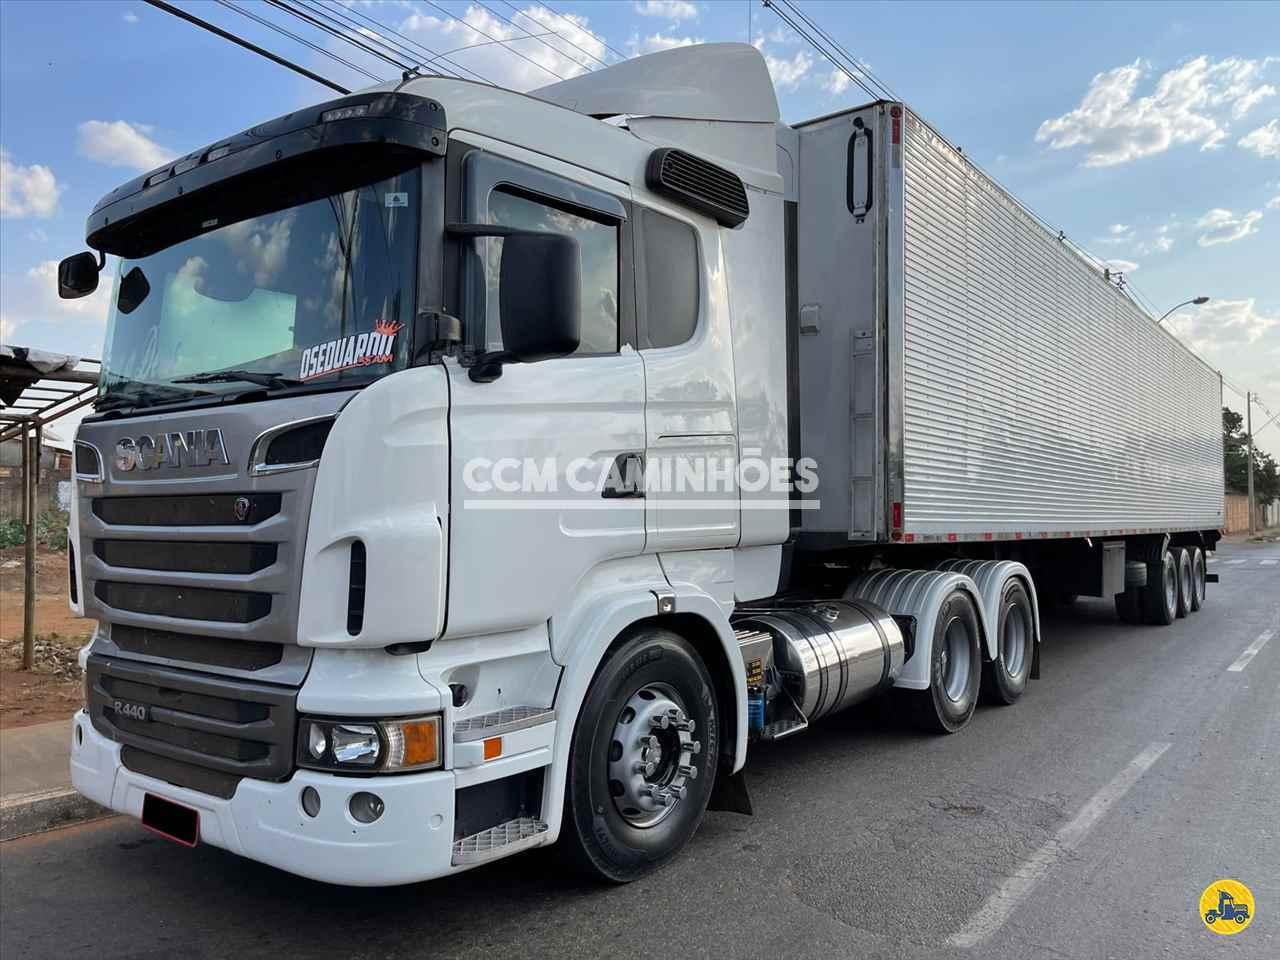 SCANIA 440 de CCM Caminhões - GOIANIA/GO